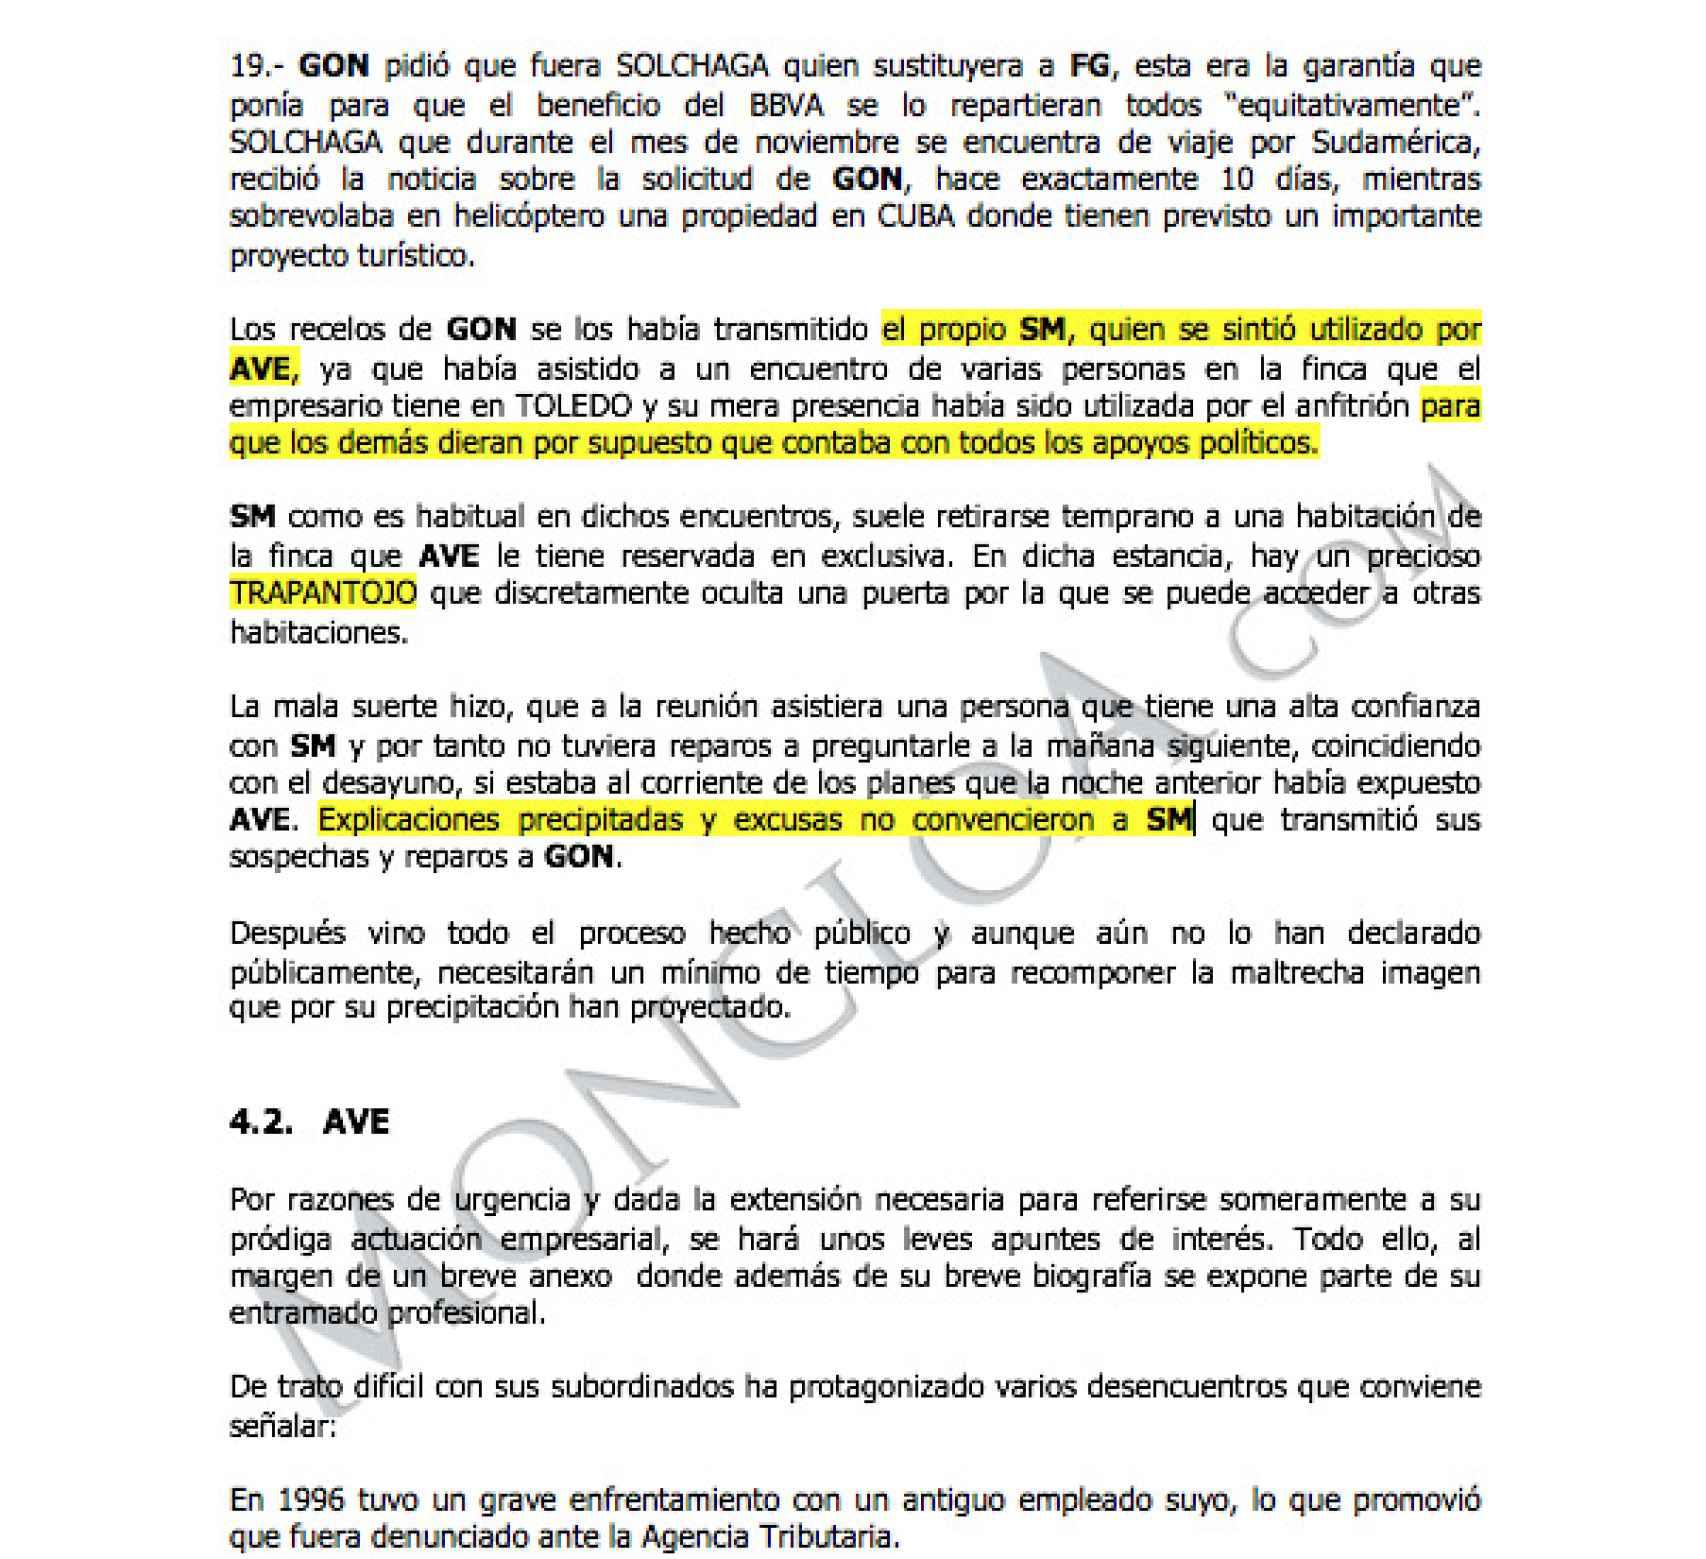 Documento publicado por Moncloa.com